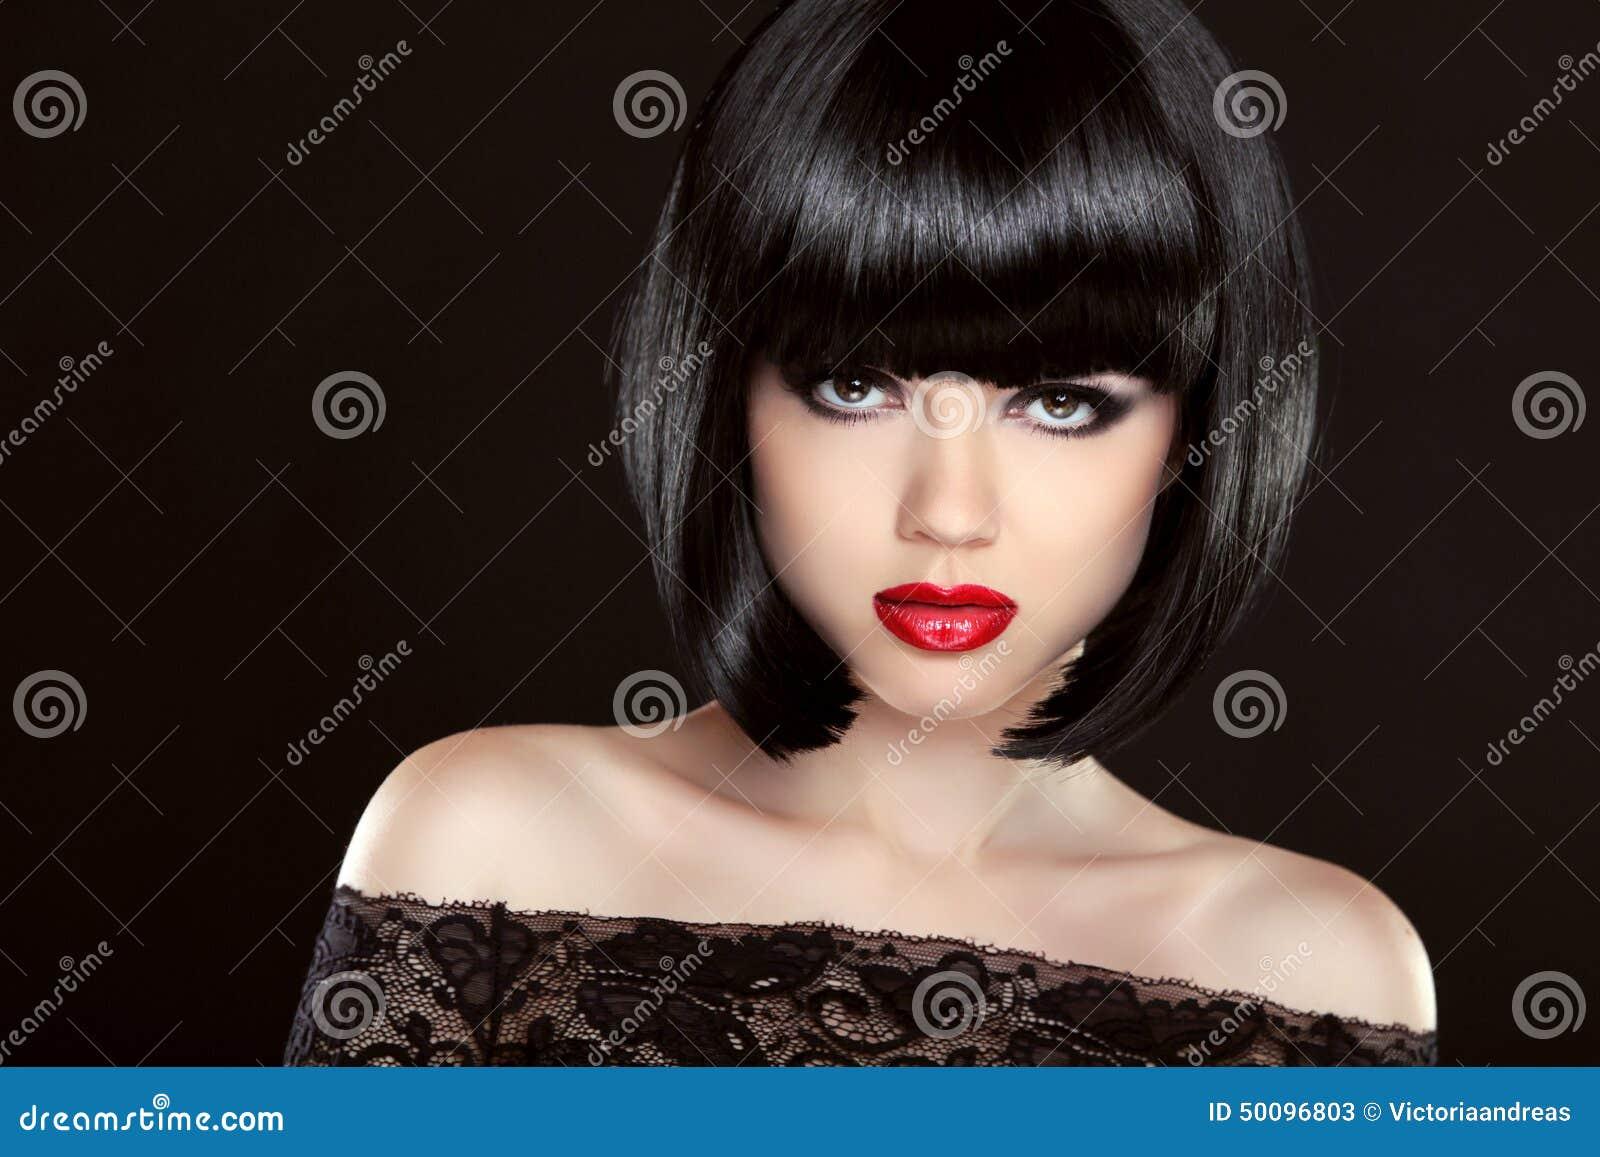 Esposa con facial por negro